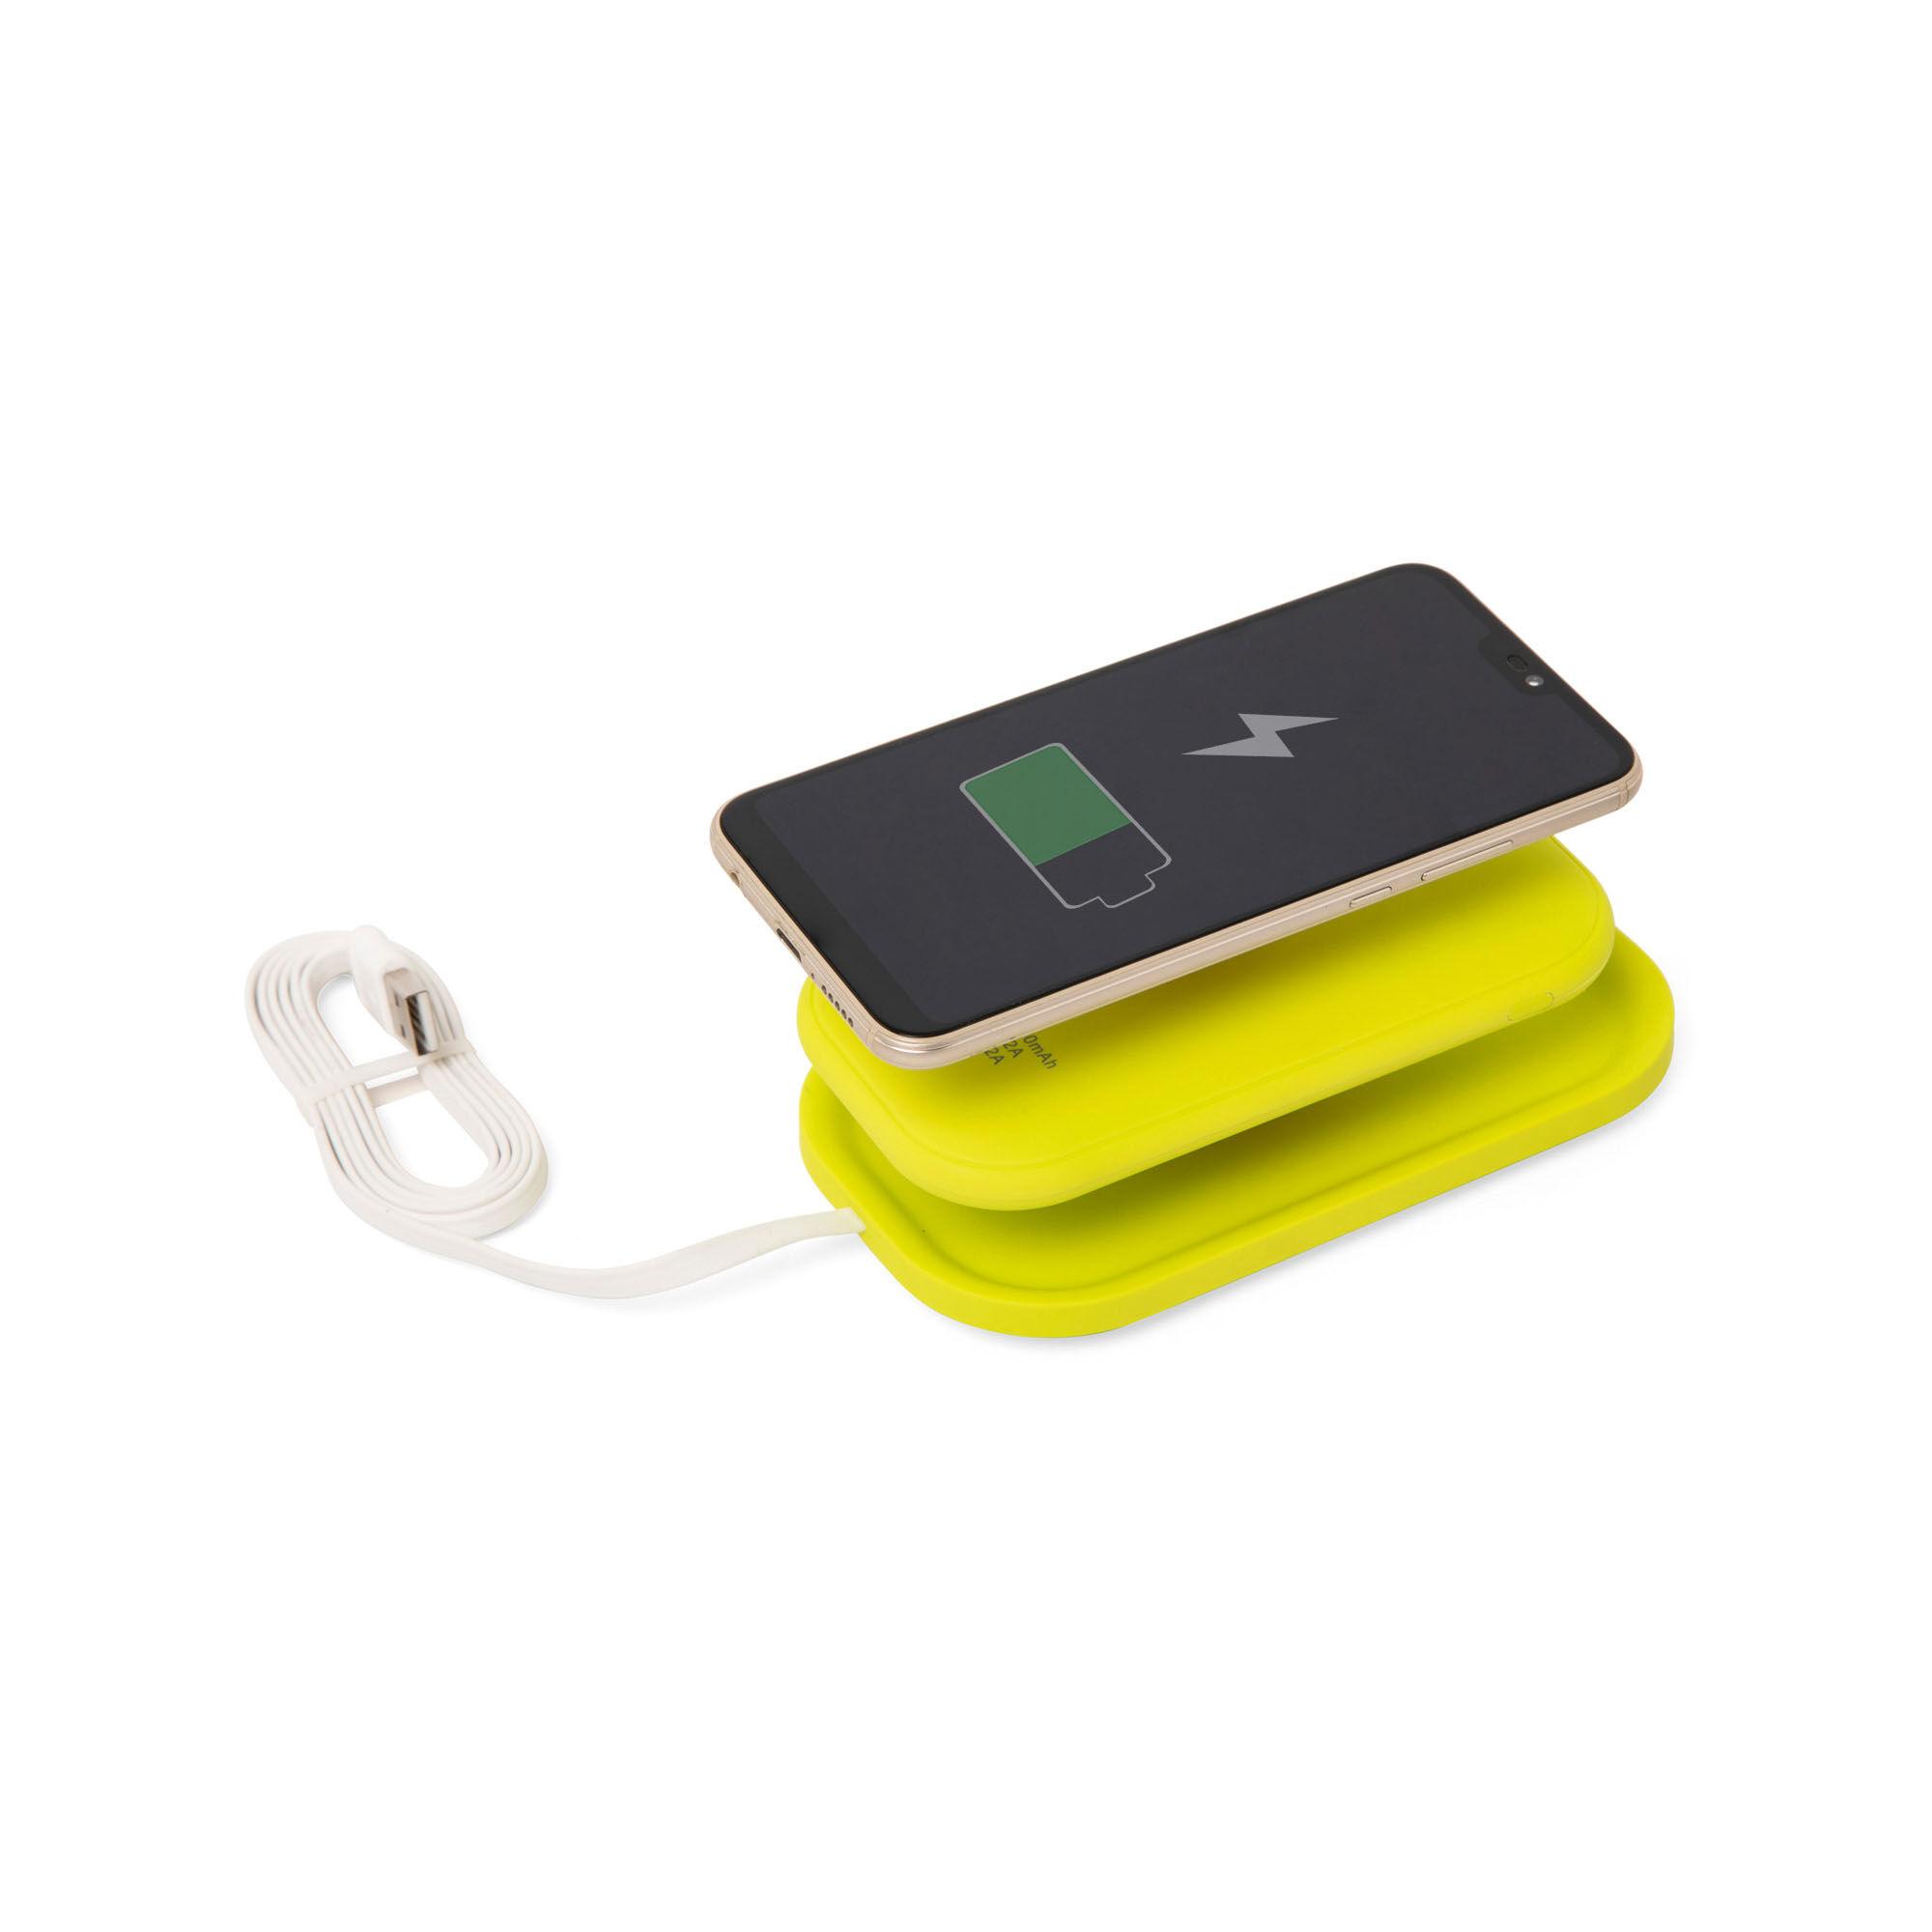 Batterie externe de 5000 mAh avec support sans fil et technologie Qi, jaune, large